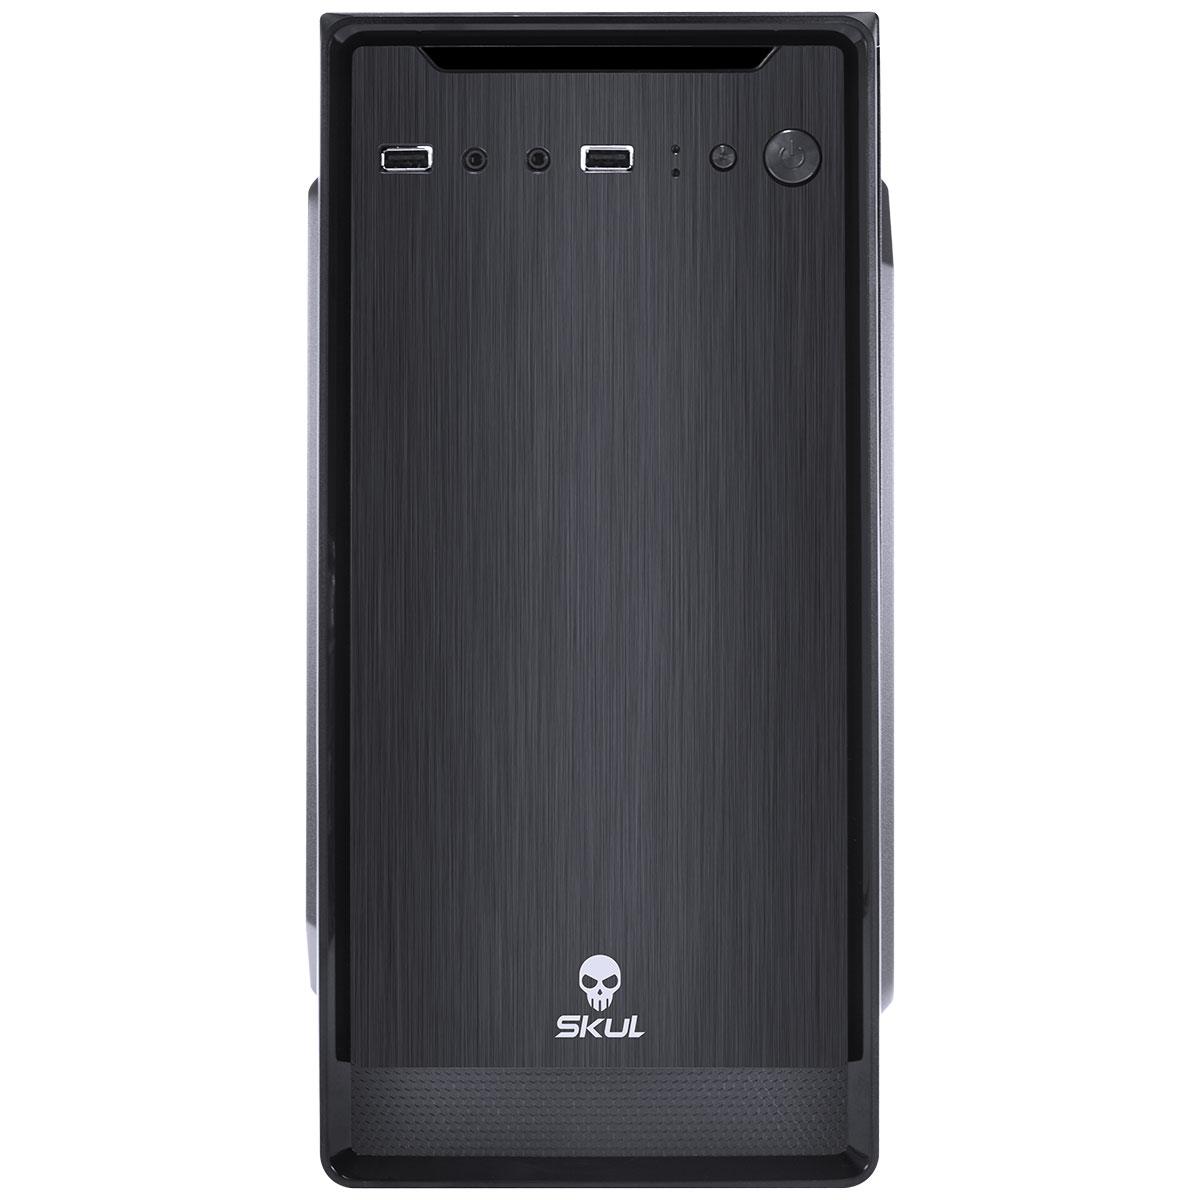 COMPUTADOR BUSINESS B700 - I7 8700 3.2GHZ 8GB DDR4 HD 1TB HDMI/VGA FONTE 300W